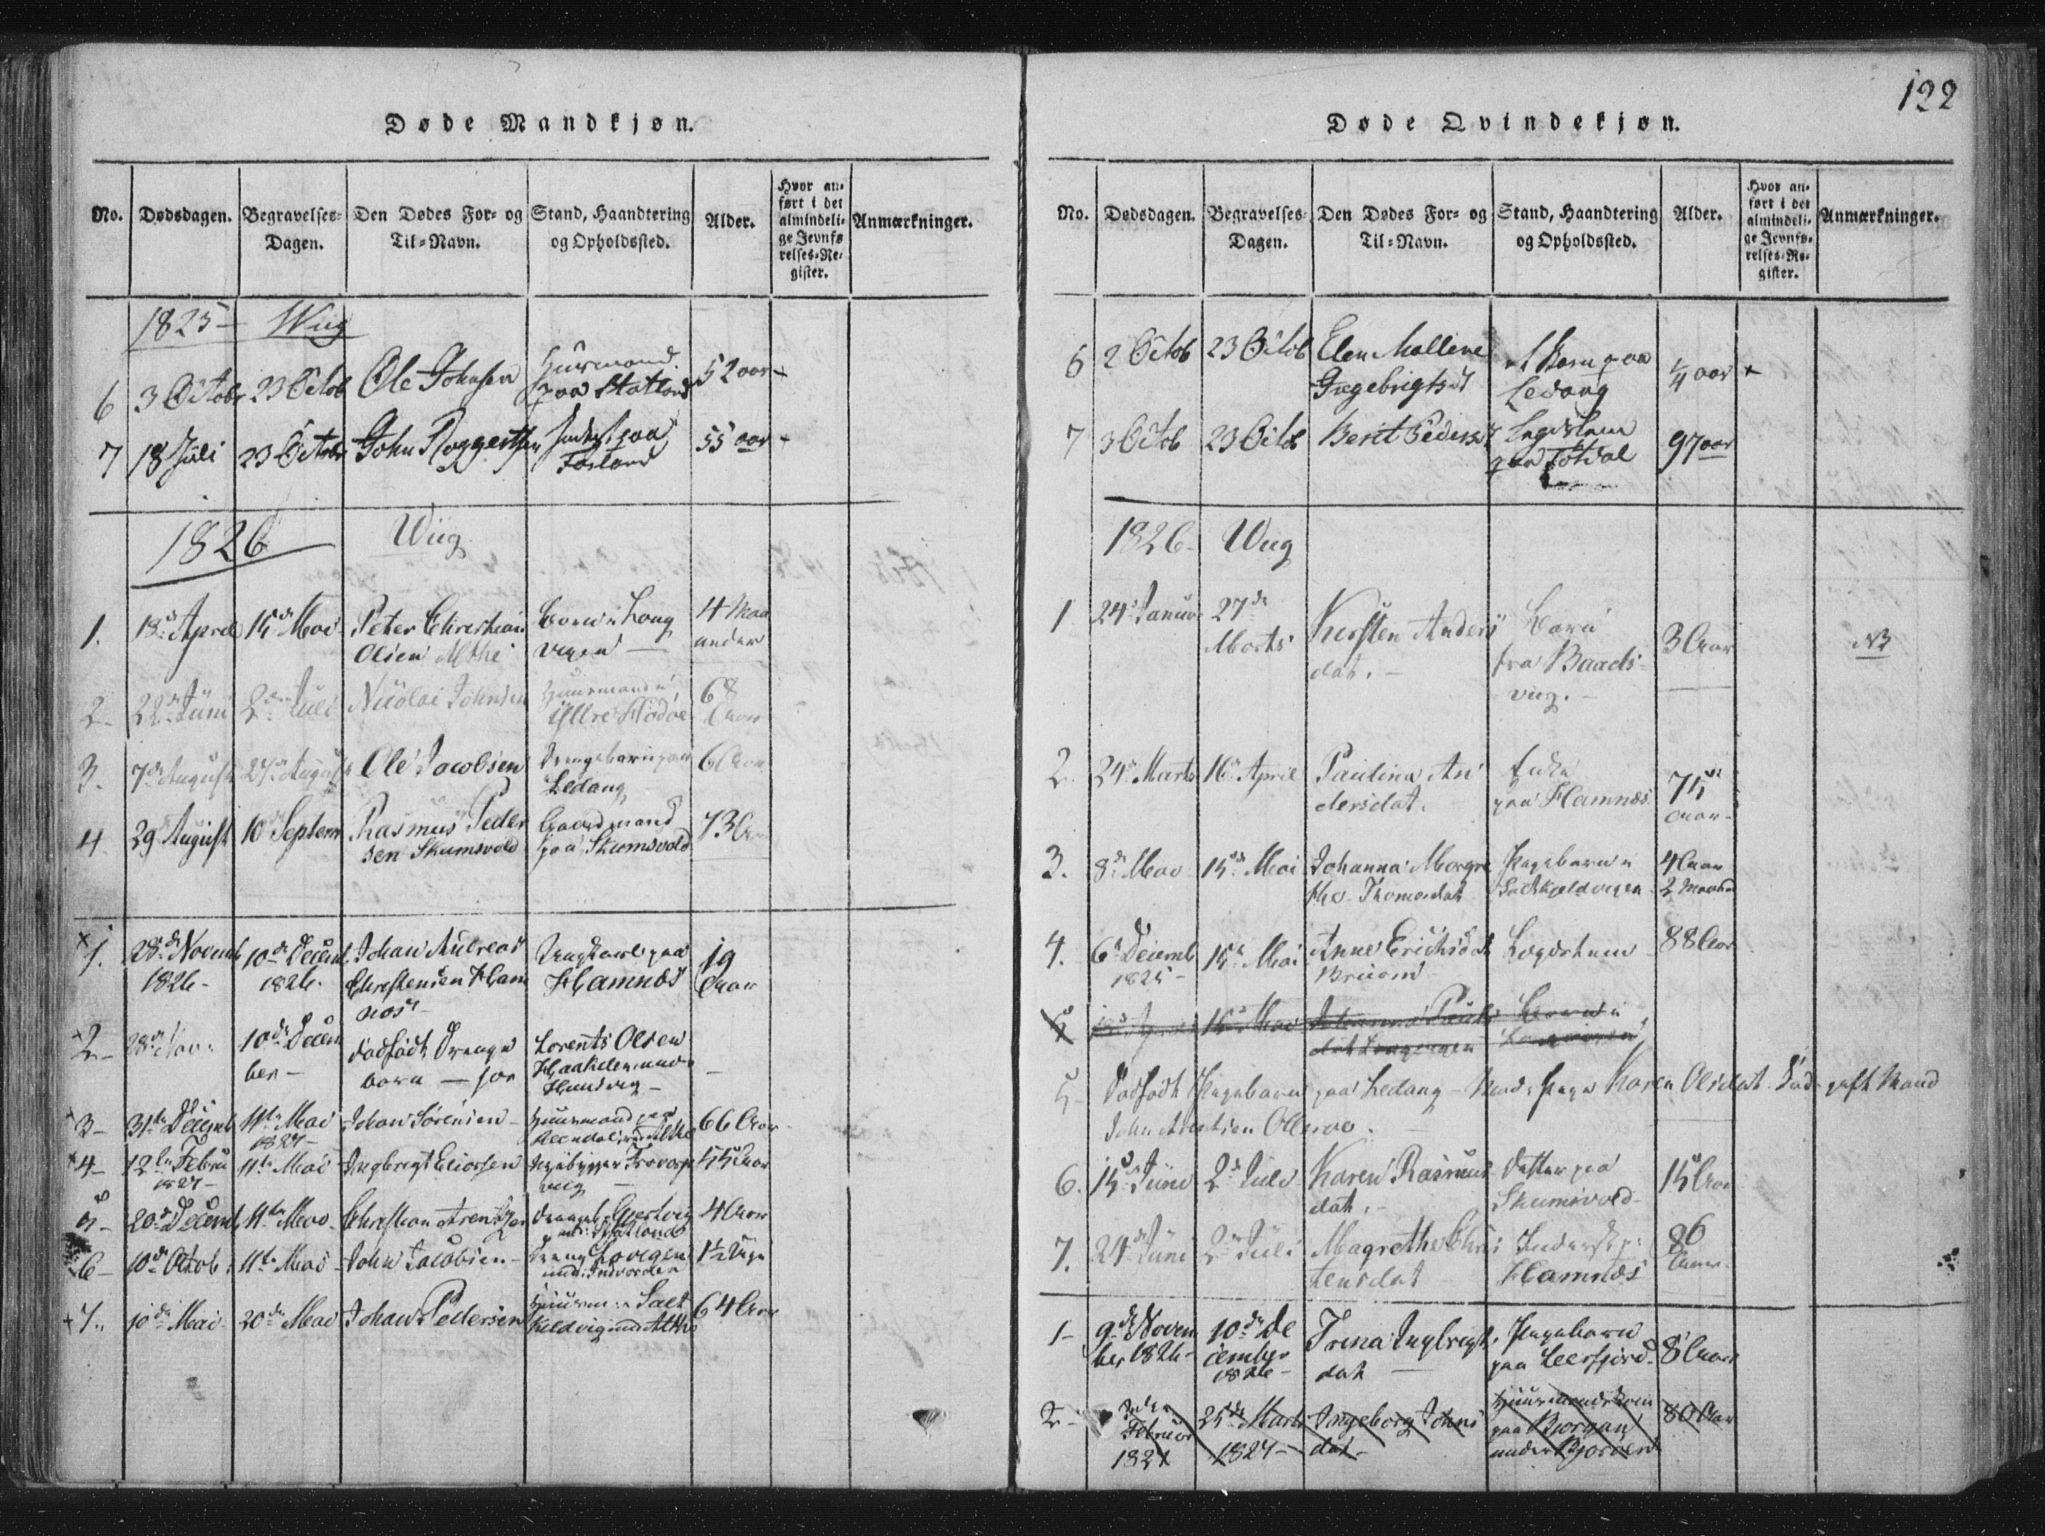 SAT, Ministerialprotokoller, klokkerbøker og fødselsregistre - Nord-Trøndelag, 773/L0609: Ministerialbok nr. 773A03 /2, 1815-1830, s. 122